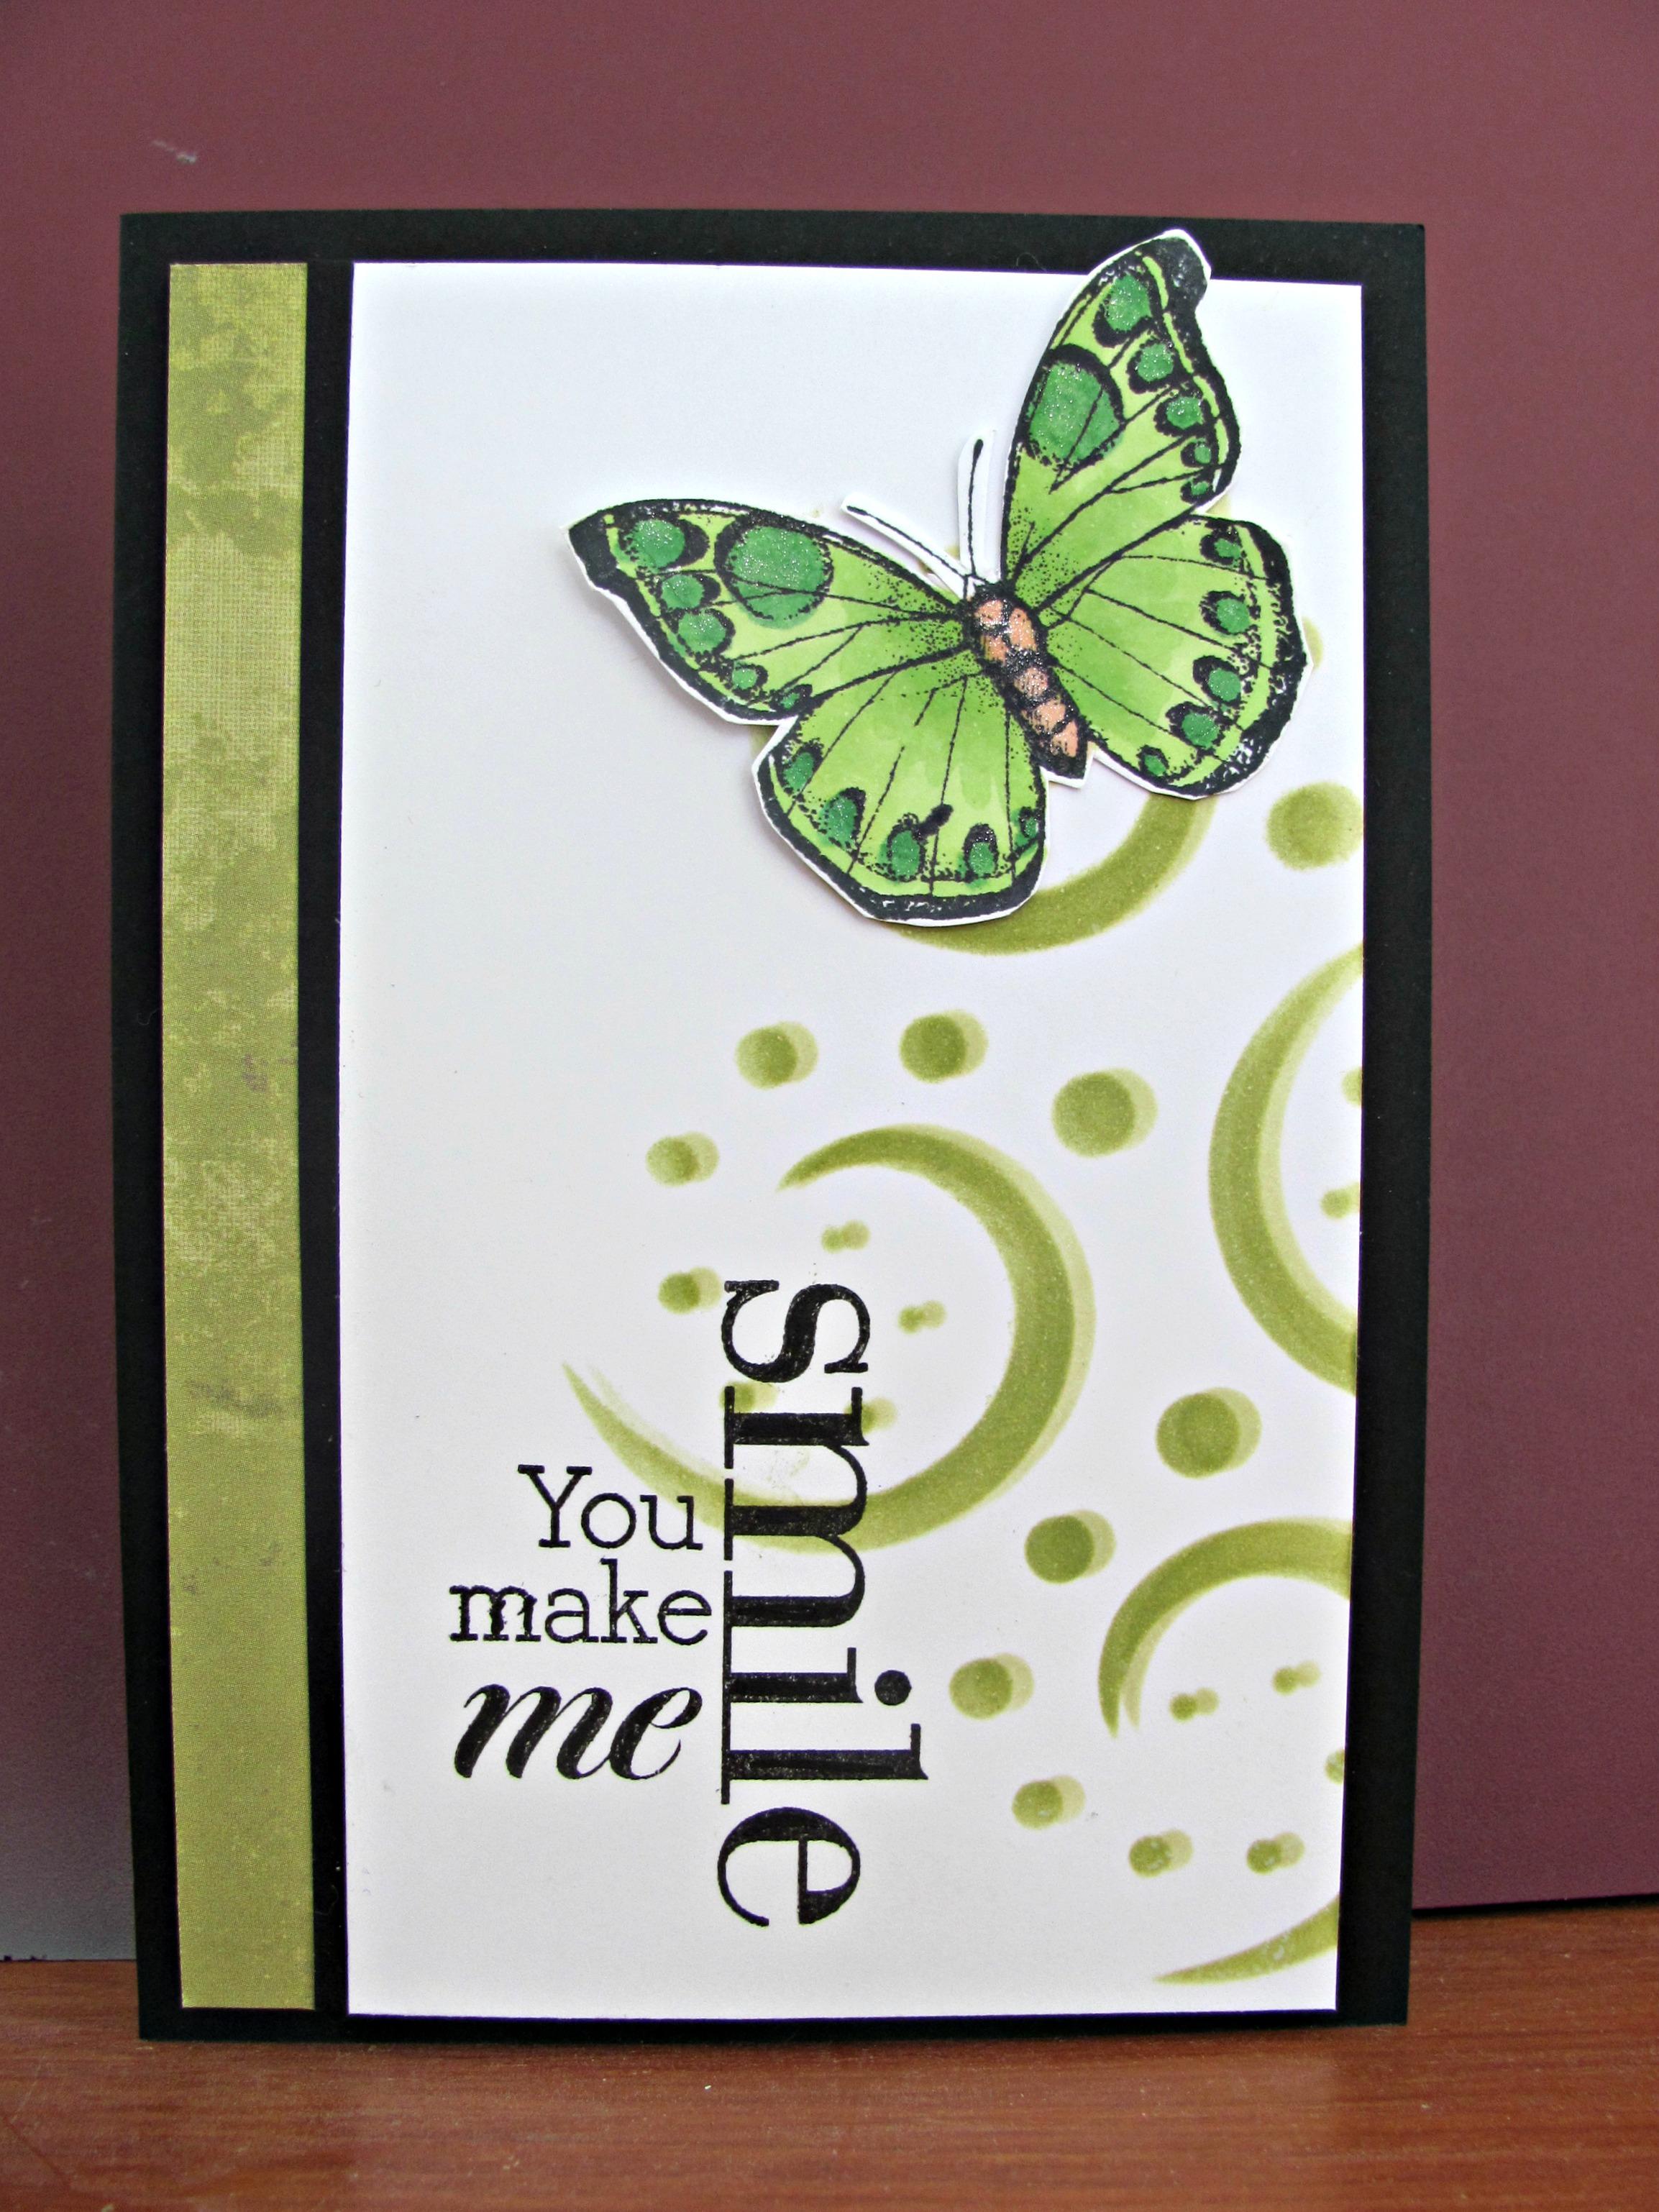 You make me smile.